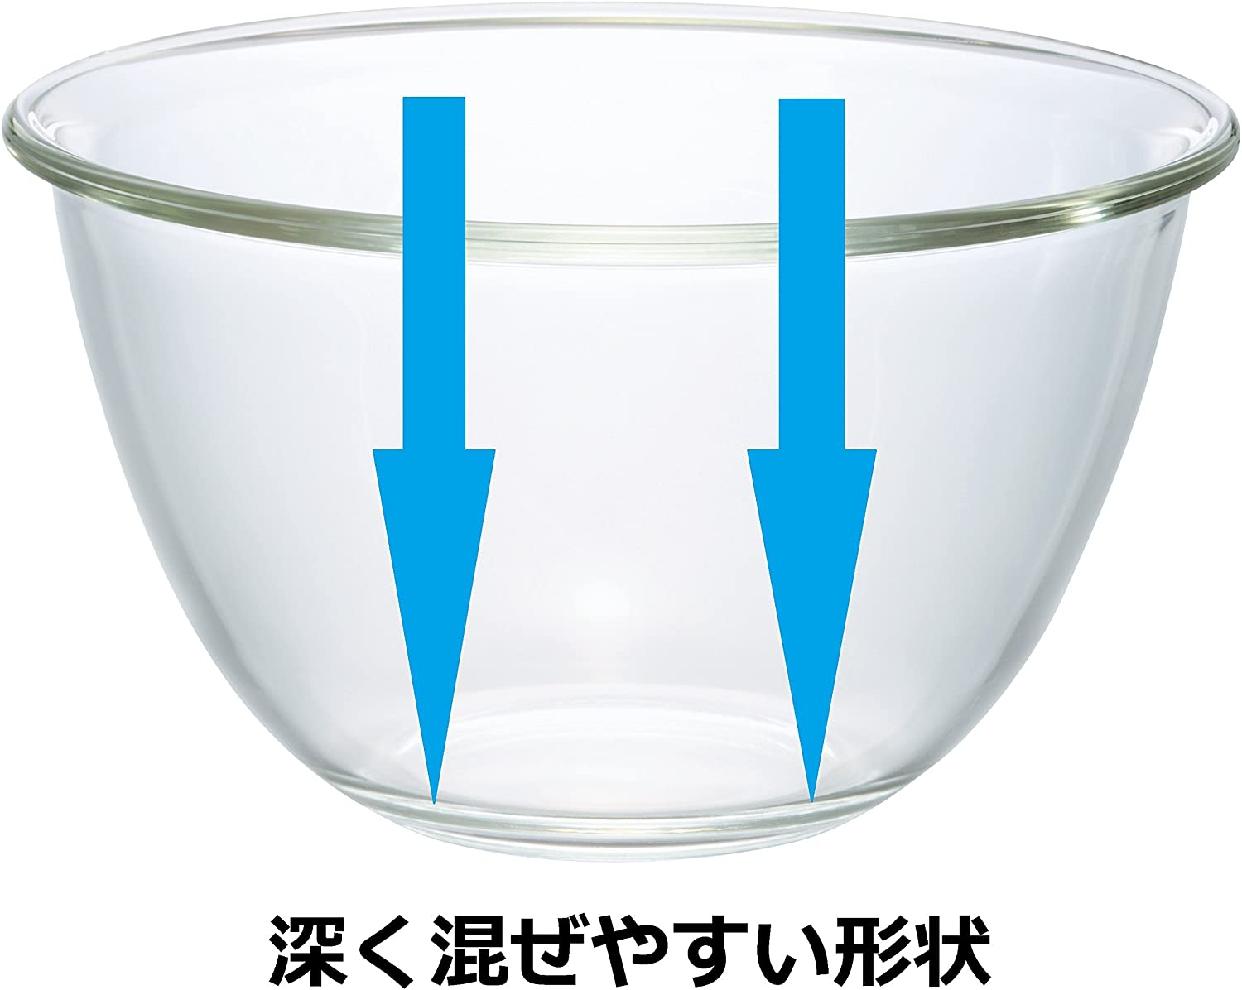 HARIO(ハリオ) ミキシングボウルの商品画像4